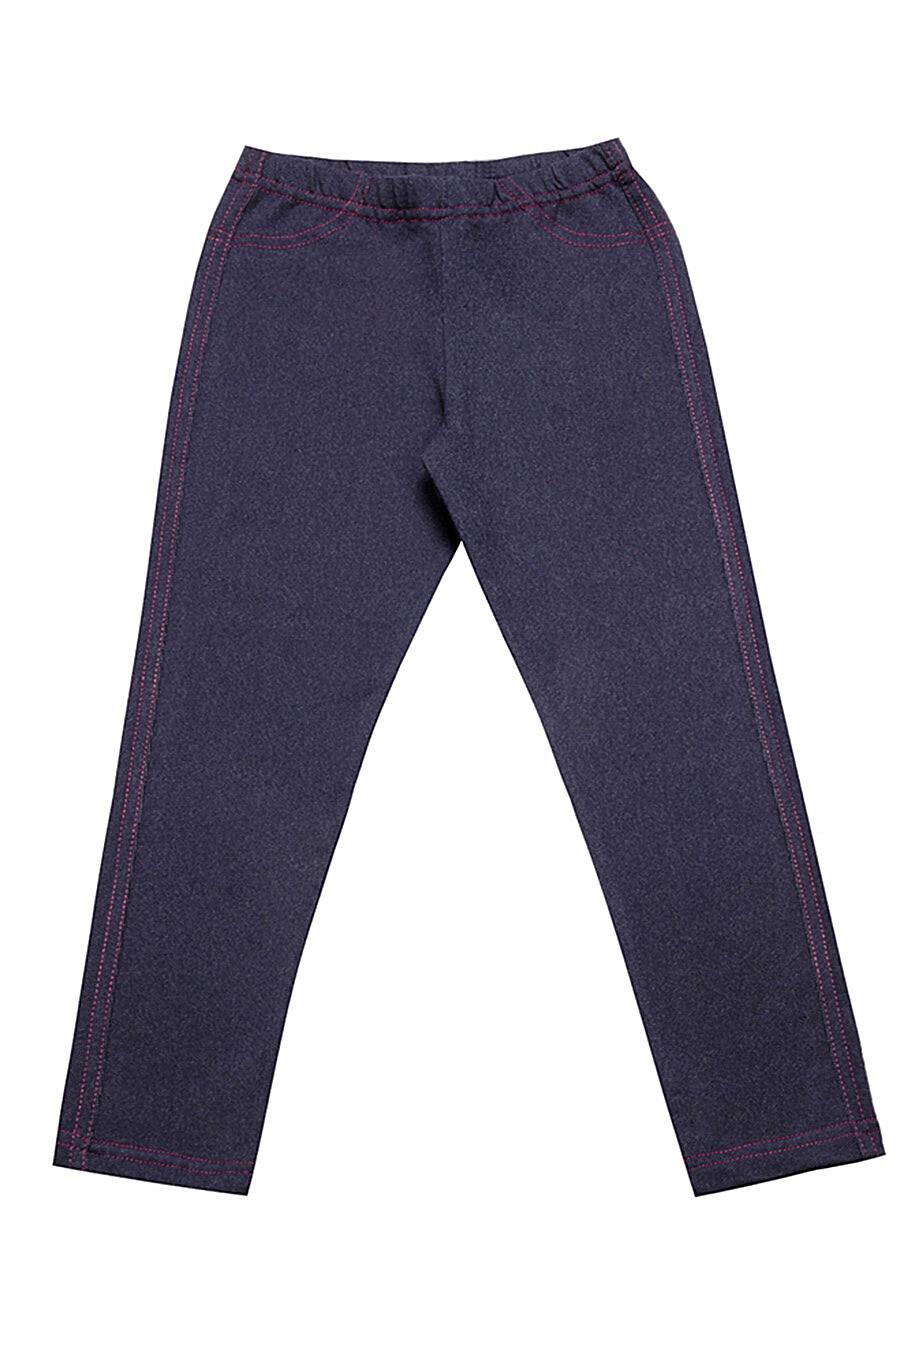 Рейтузы для девочек Archi 131467 купить оптом от производителя. Совместная покупка детской одежды в OptMoyo